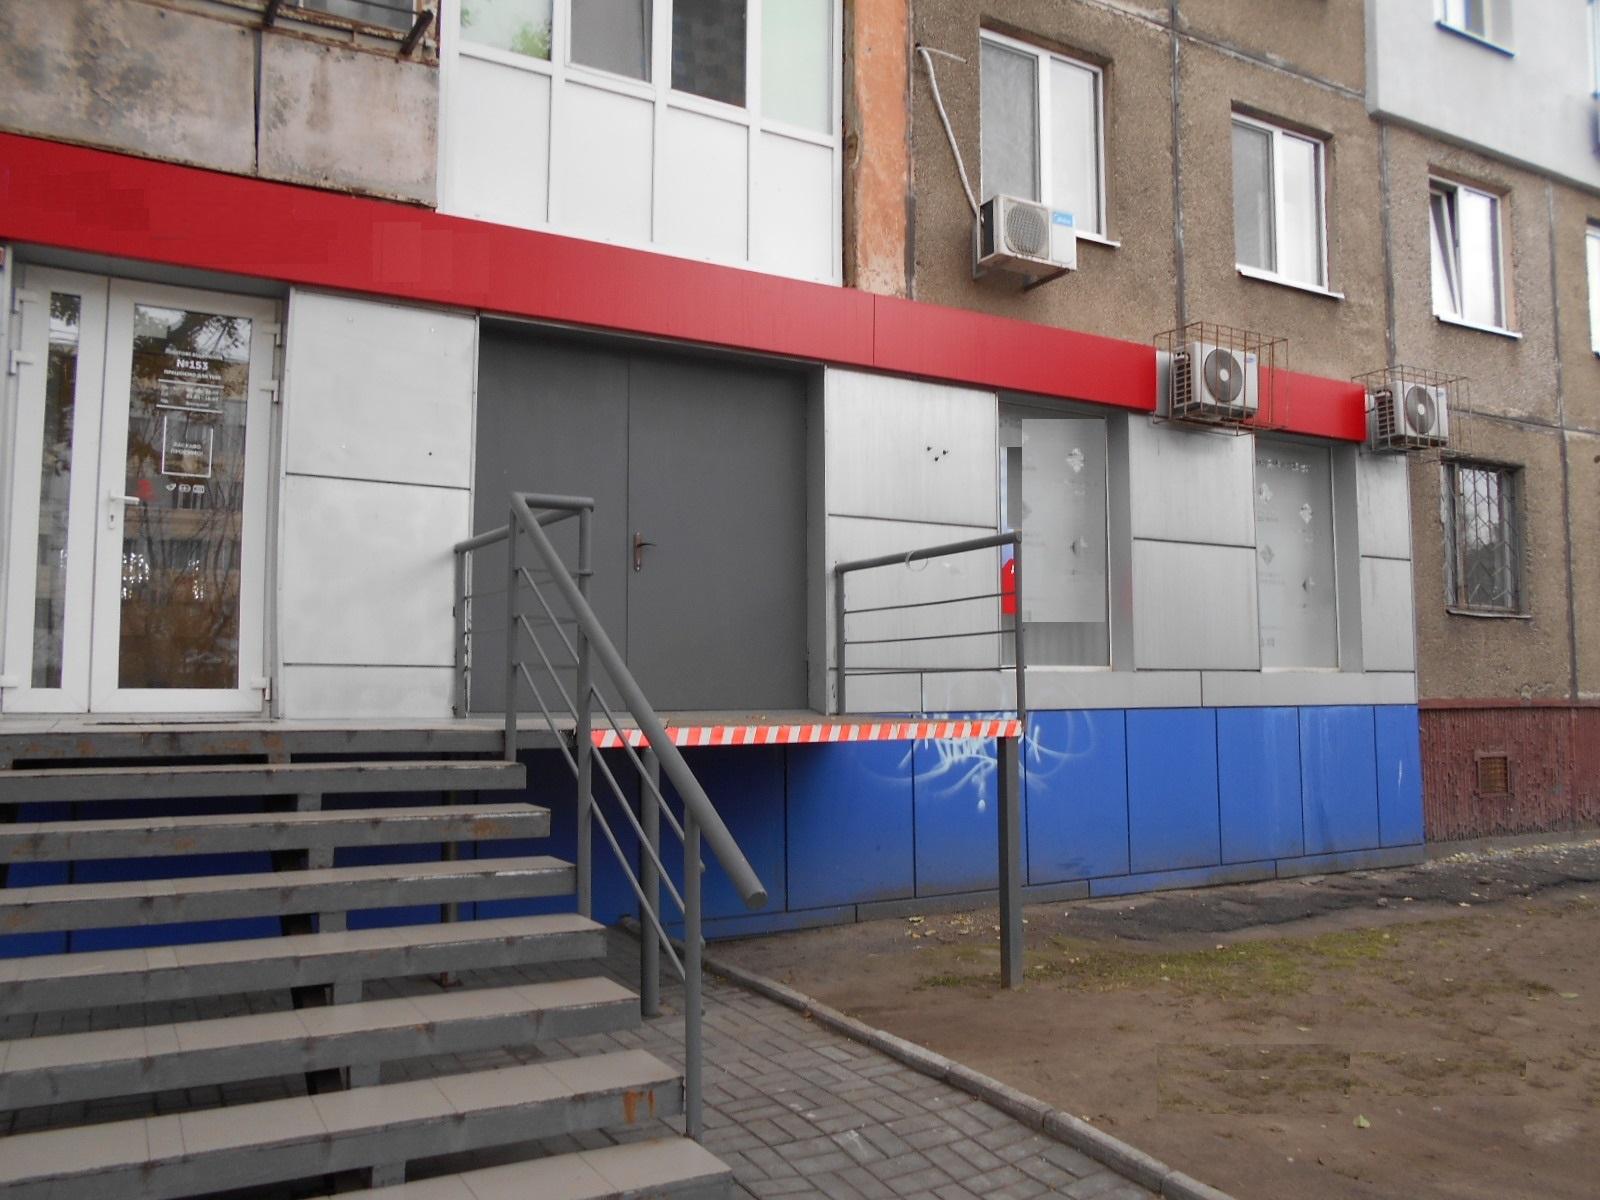 Нежитлові приміщення в м. Дніпро, площею 98,3 кв. м